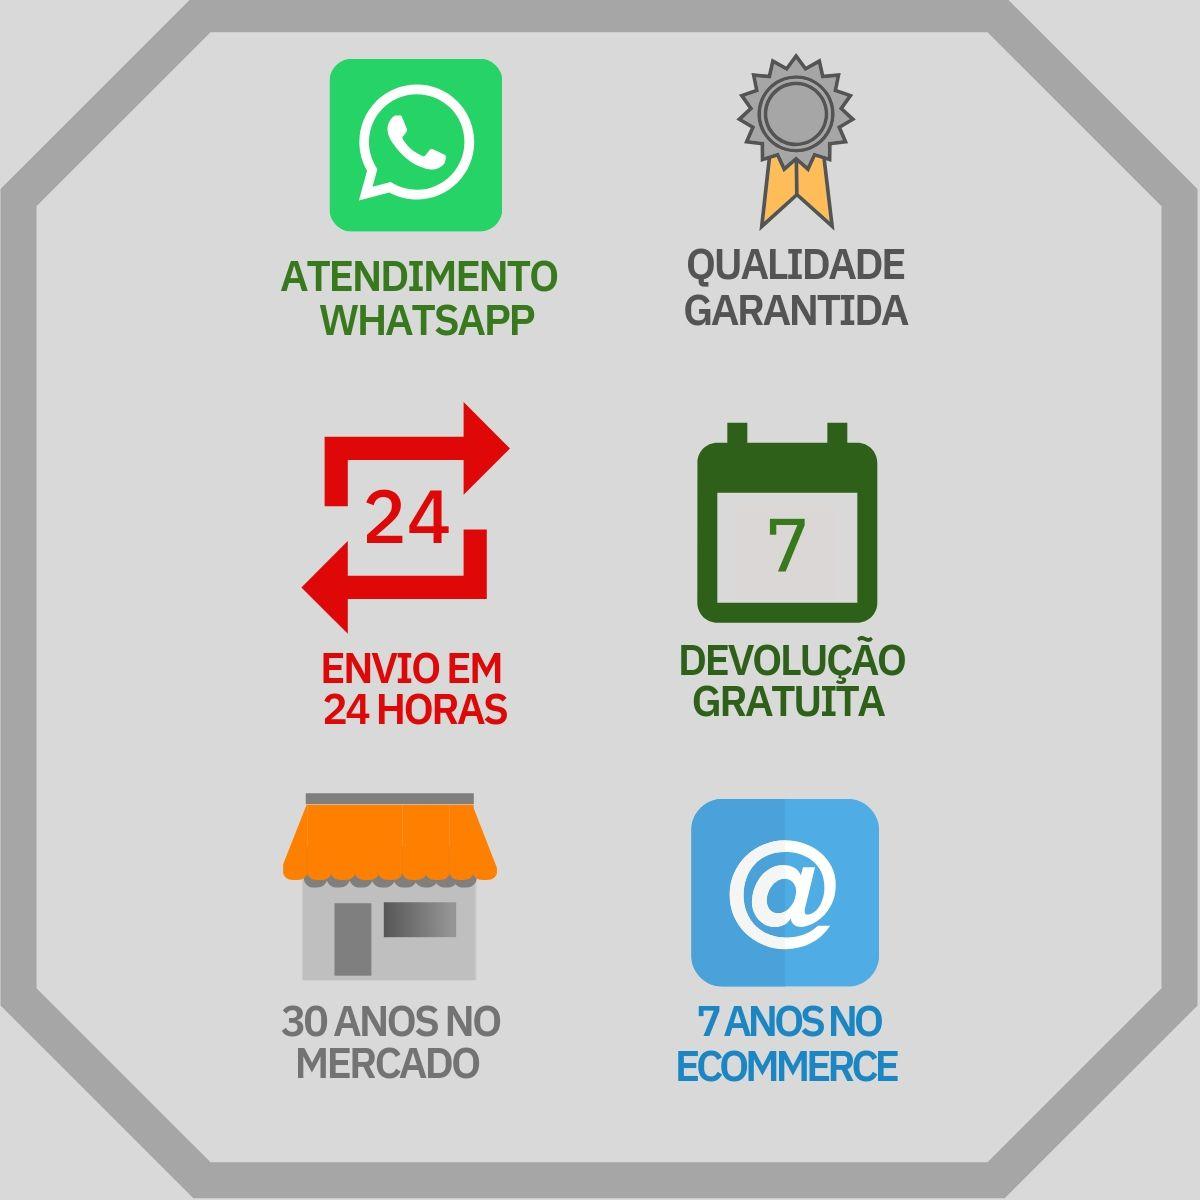 2 Peça Pilha Recarregável 400 mah 1.2v AAA para aparelhos de telefone FT1923ID da marca VTT-ICQ